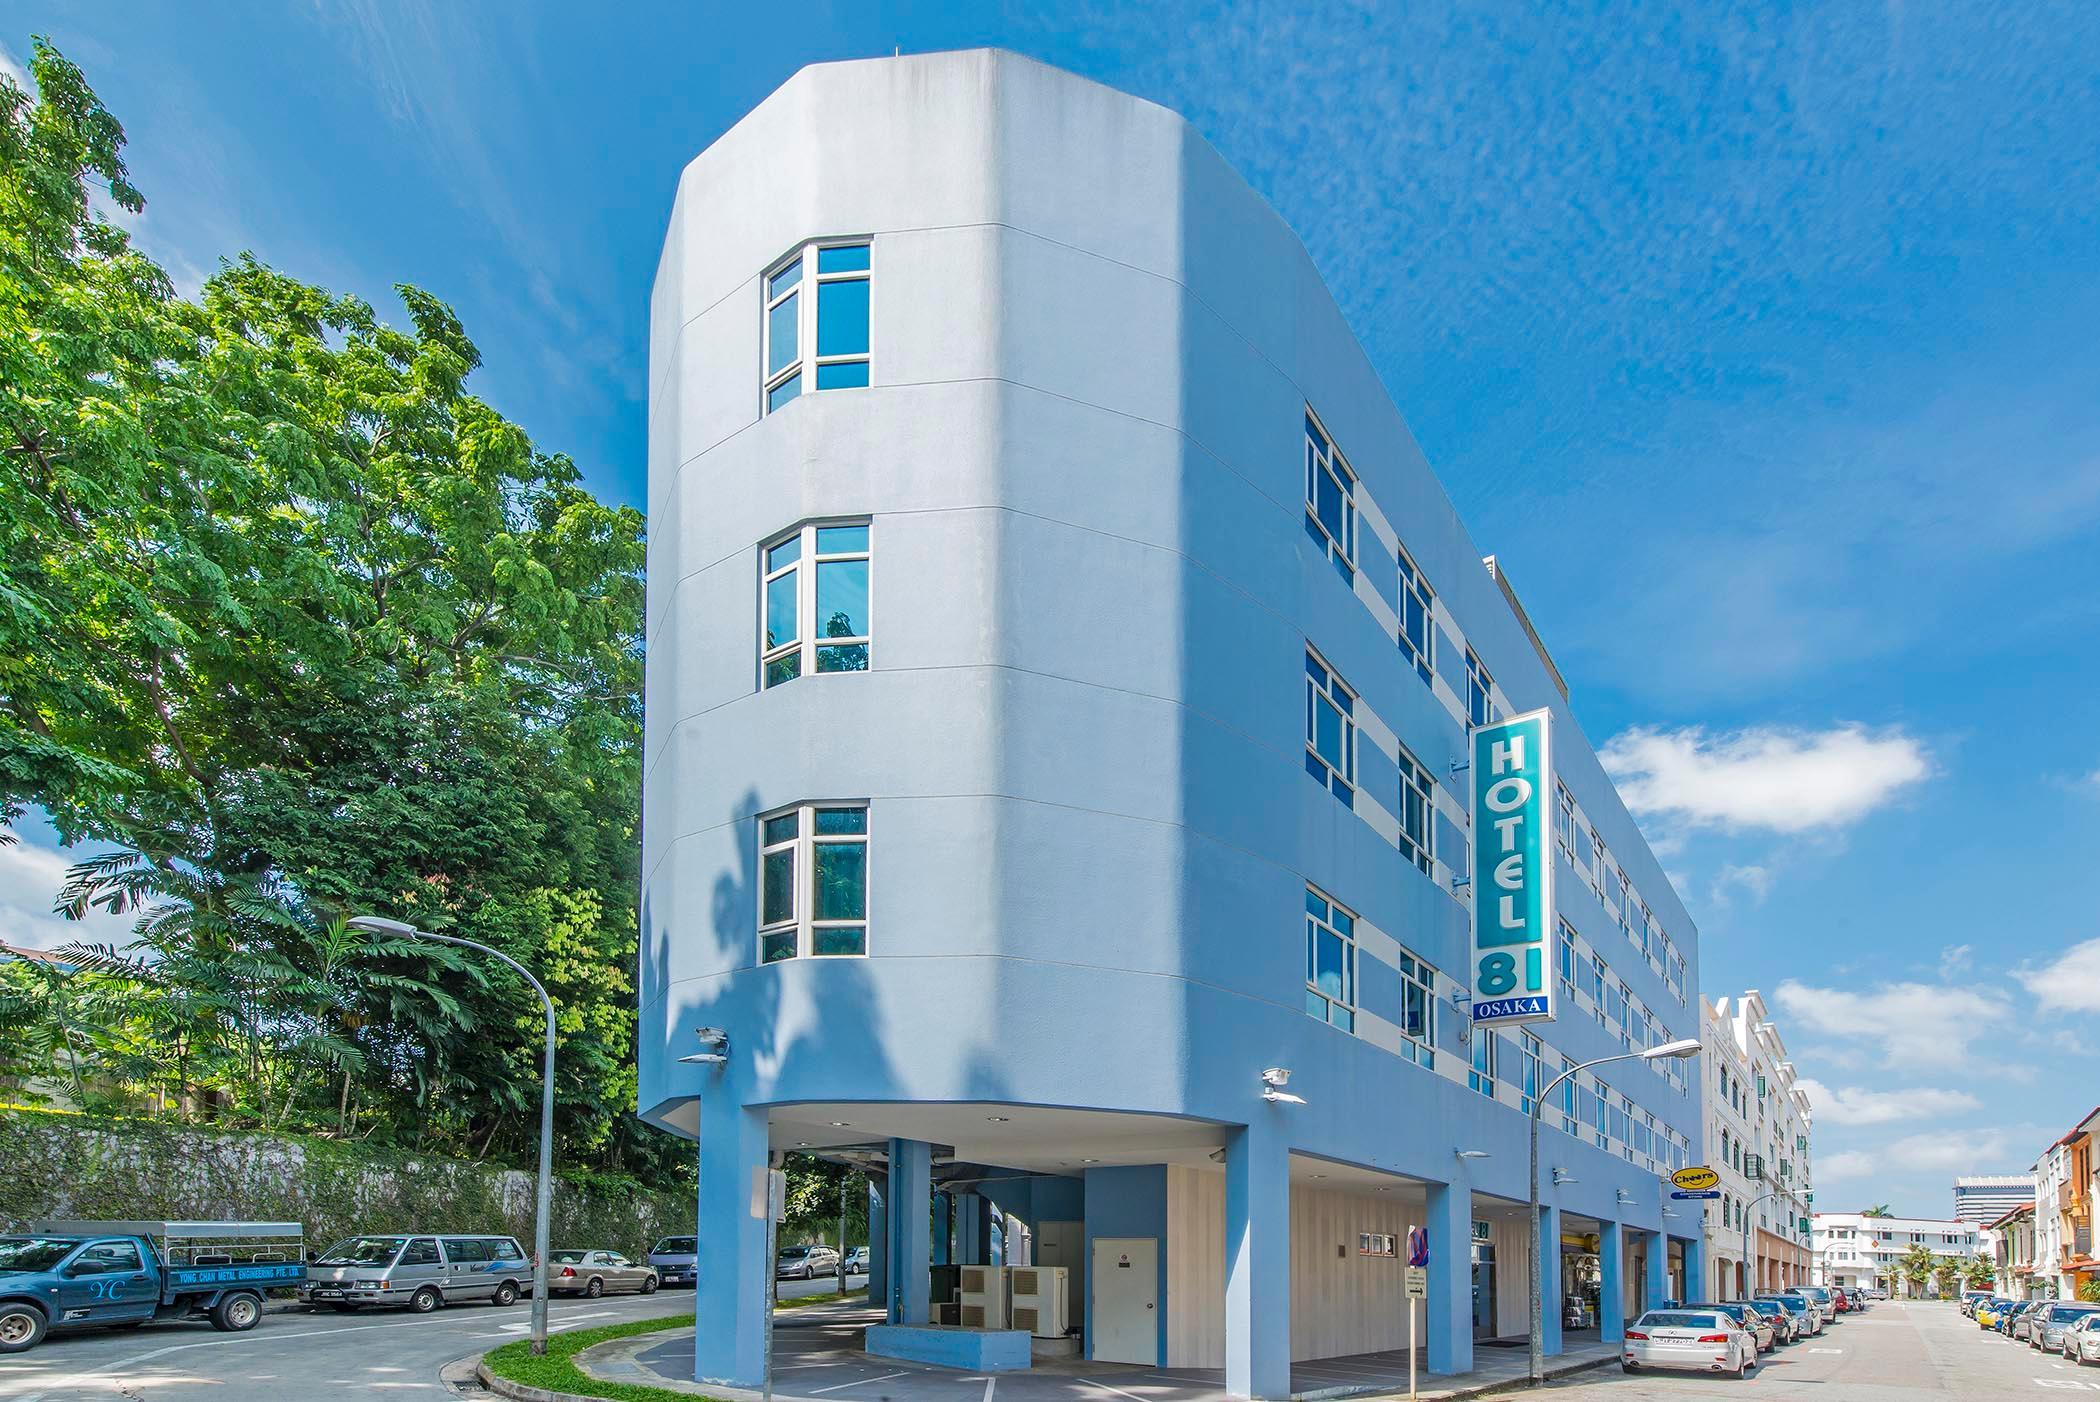 Hotel 81 Osaka, Bukit Merah